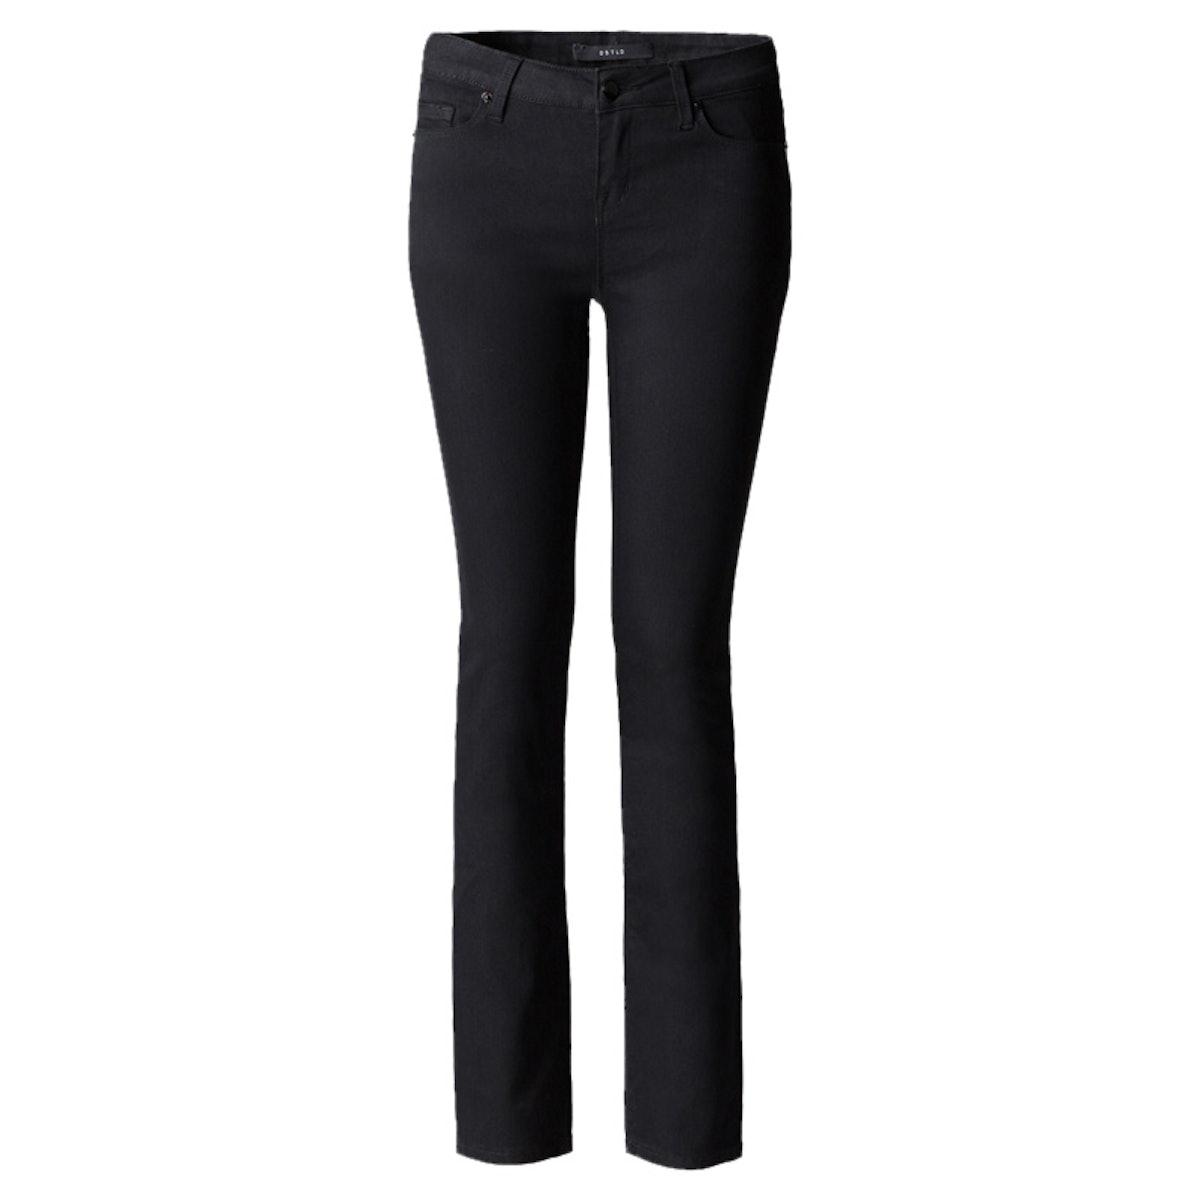 Mid Rise Cigarette Jeans